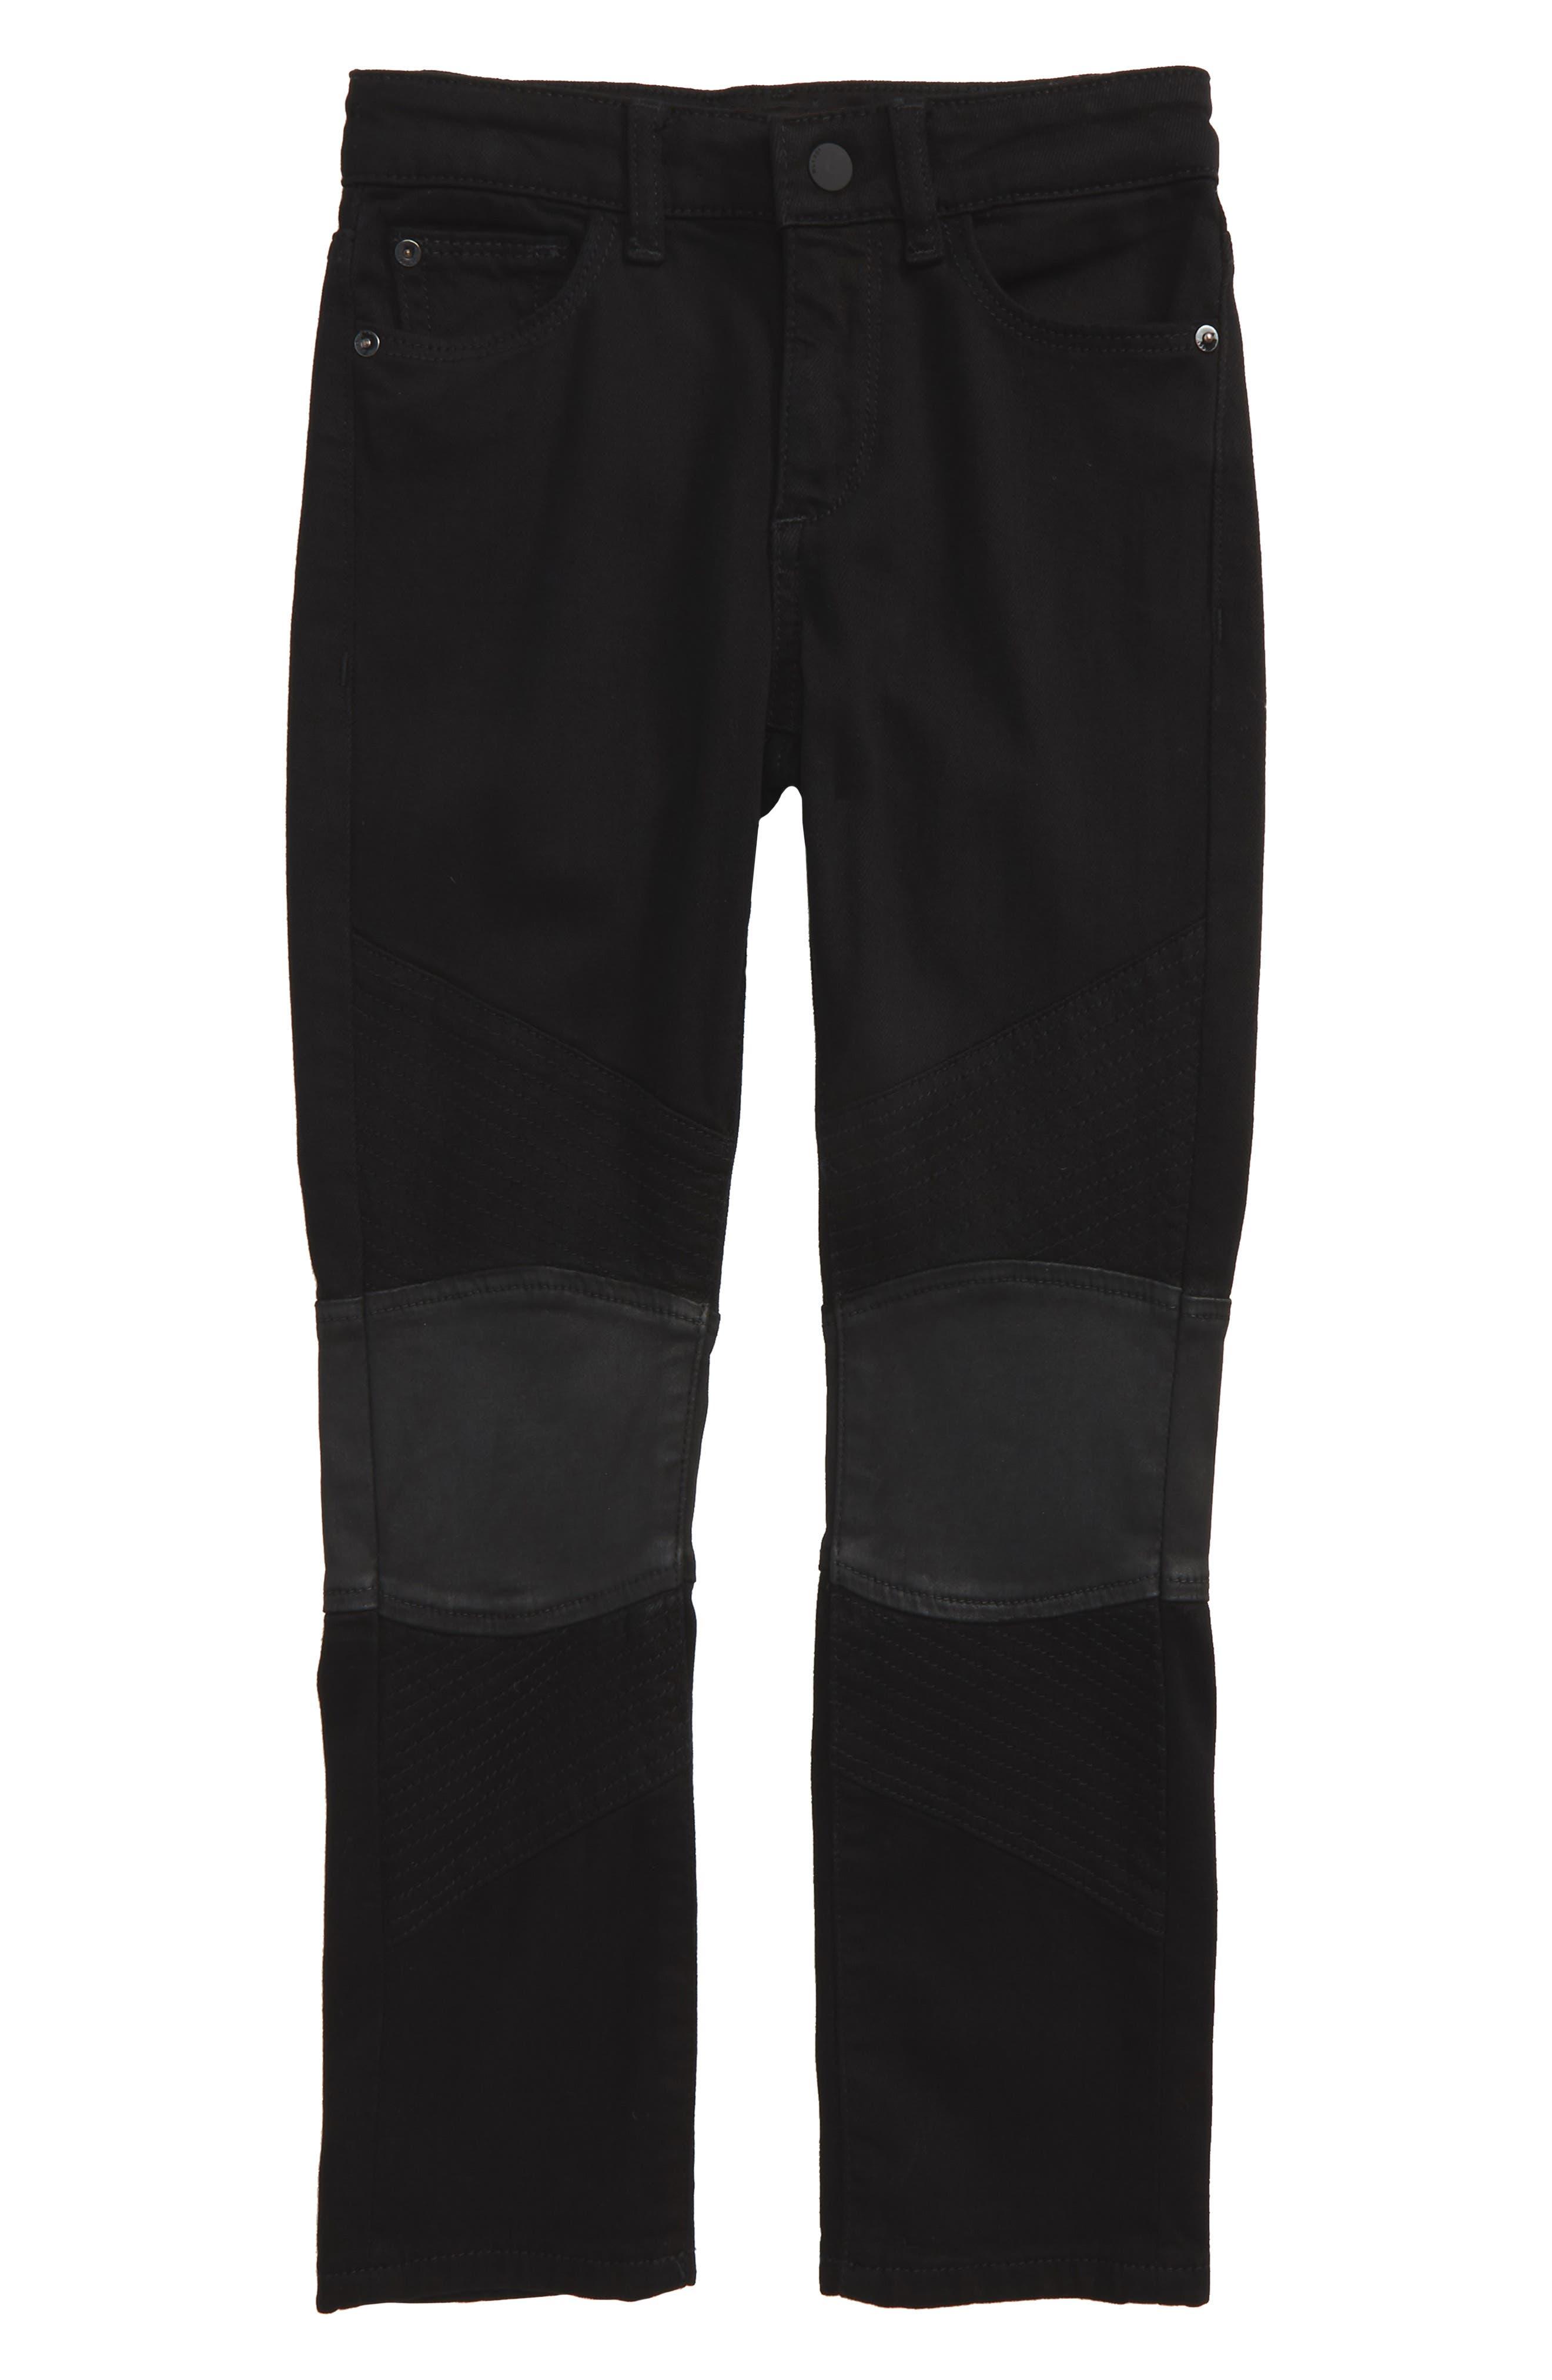 Hawke Skinny Moto Jeans, Main, color, 001